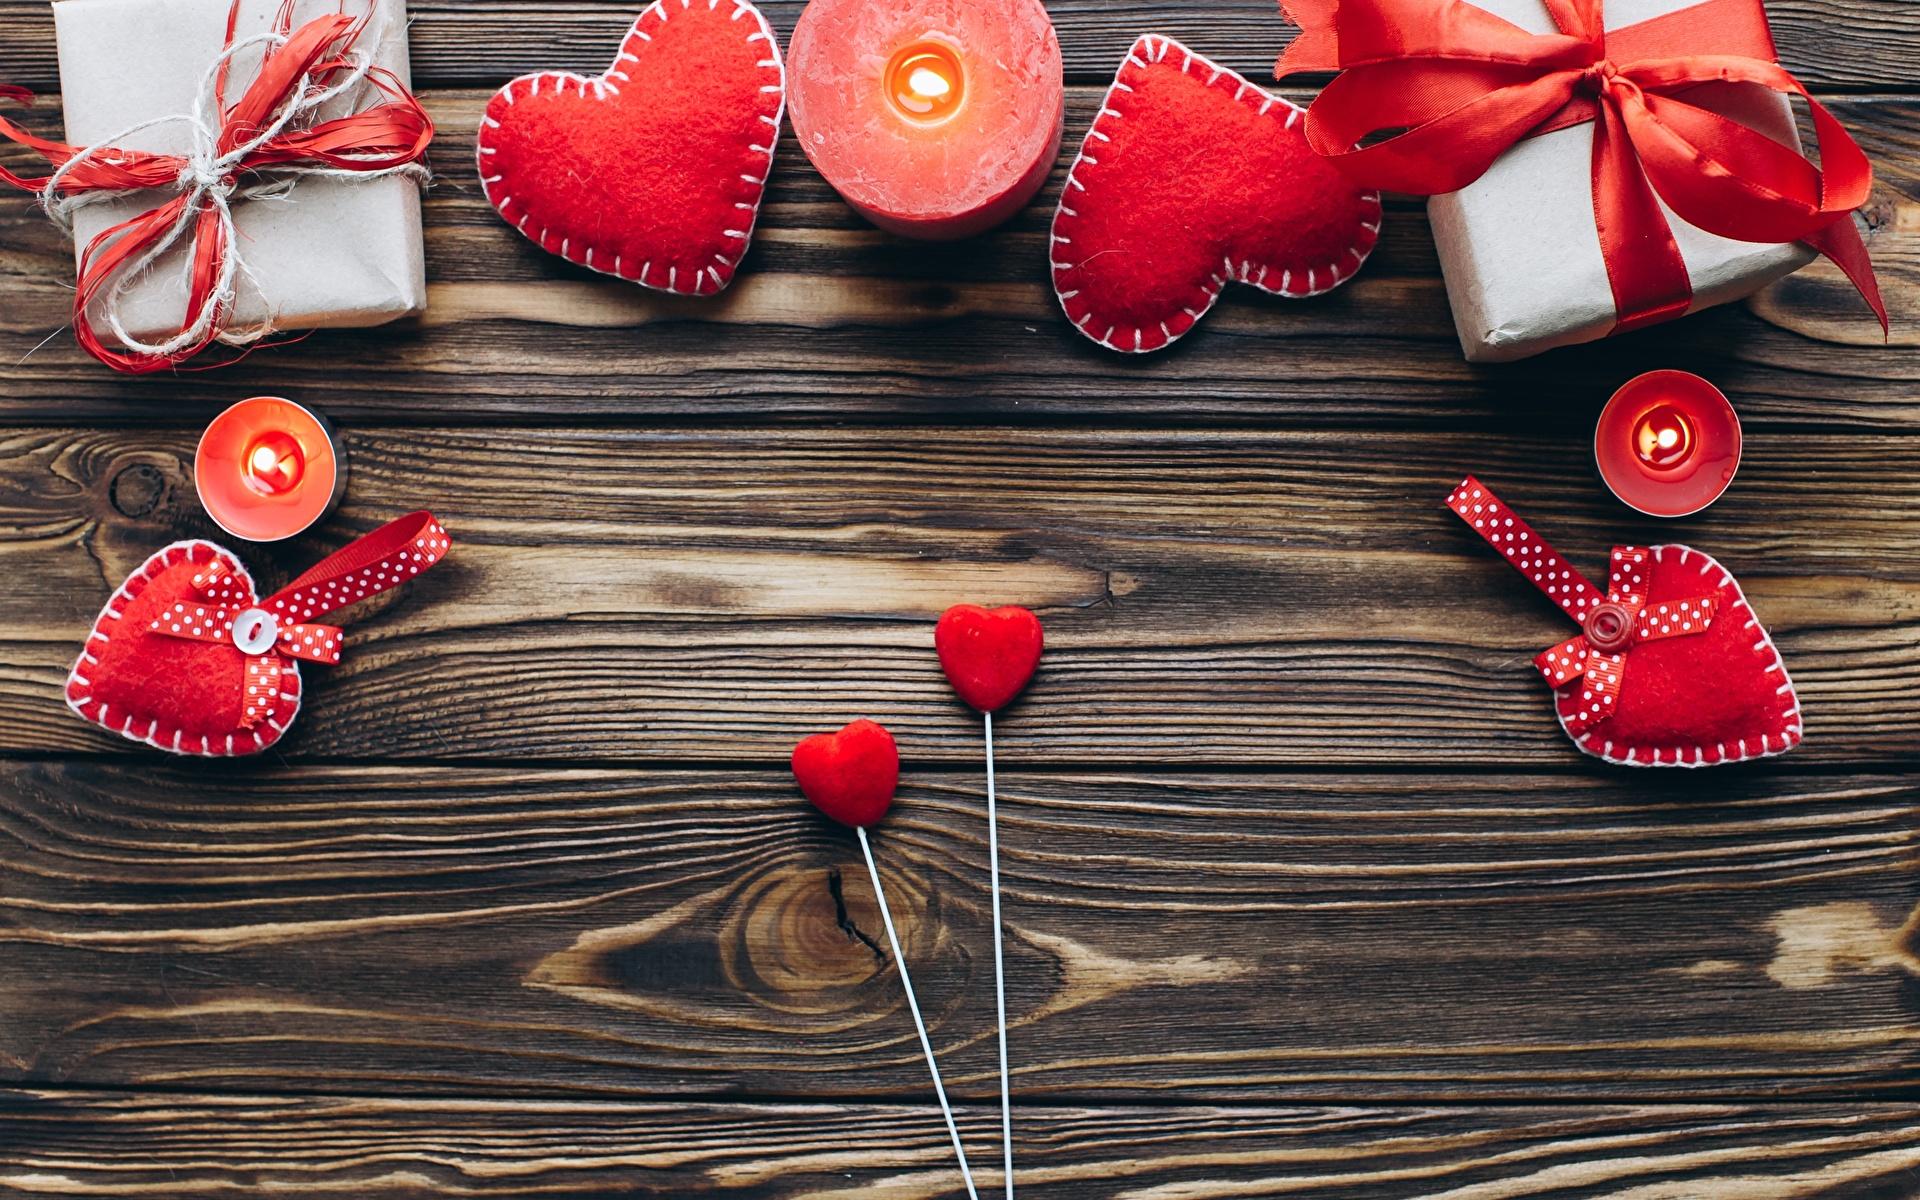 Фотографии День святого Валентина сердечко Подарки Свечи Шаблон поздравительной открытки Доски 1920x1200 День всех влюблённых серце Сердце сердца подарок подарков